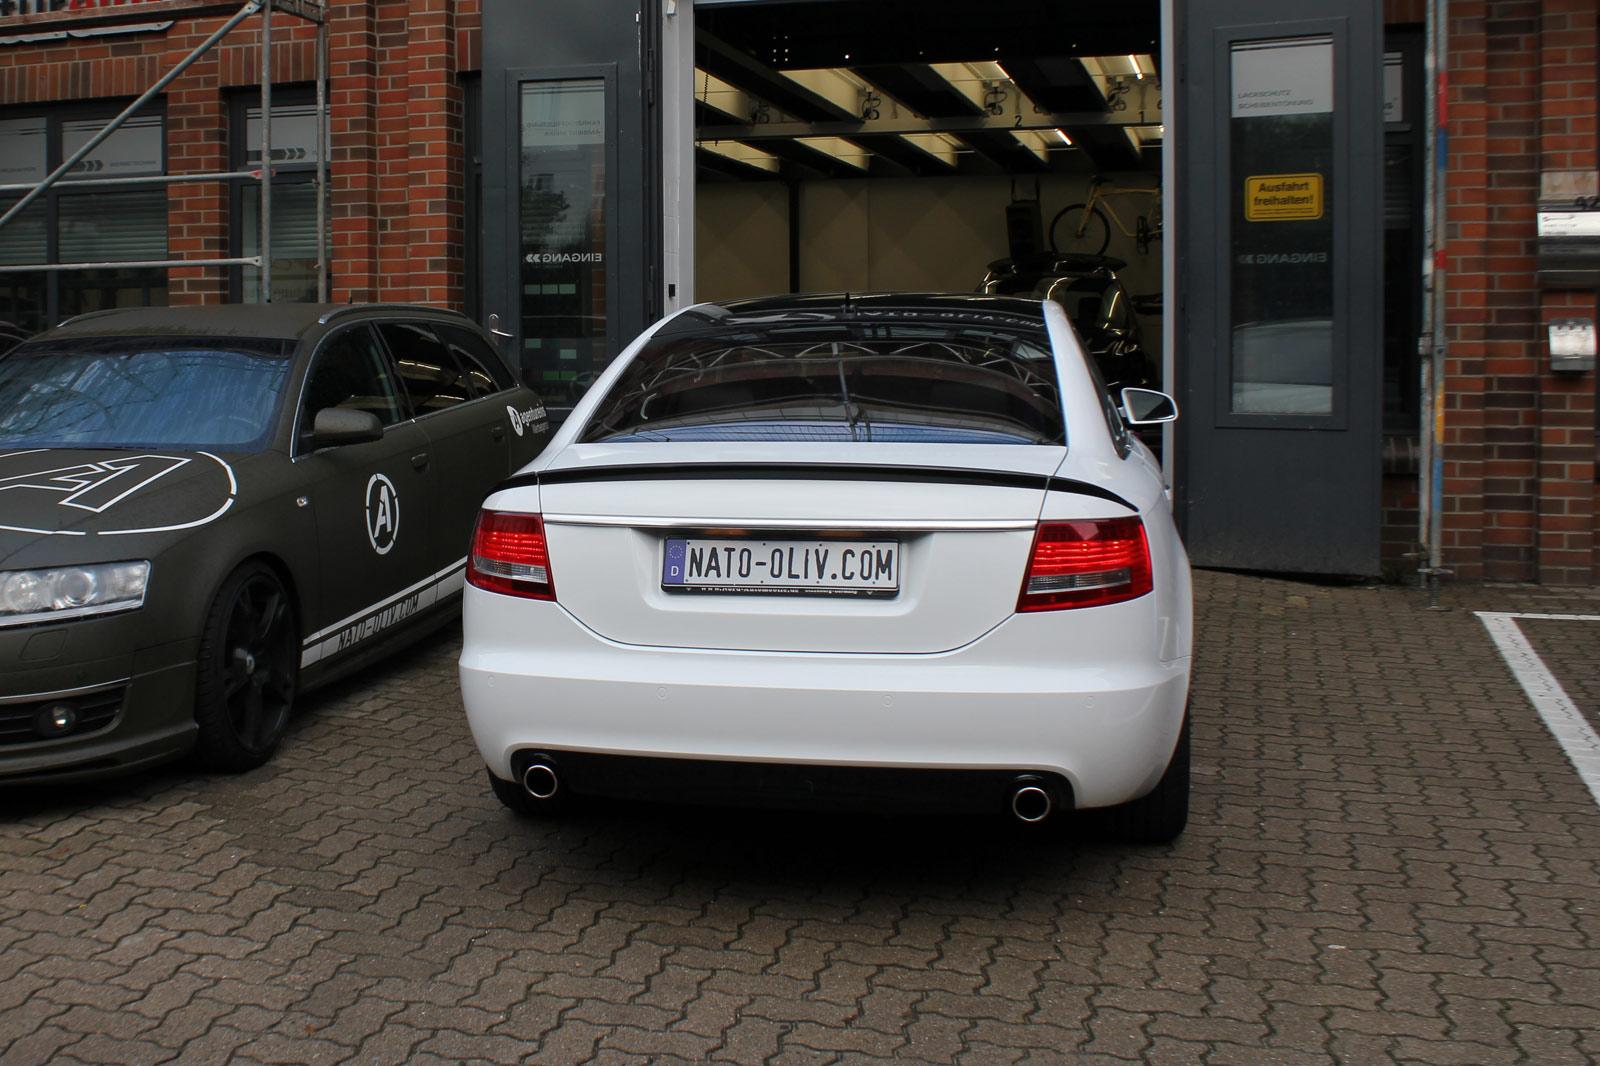 Heckansicht des mit Folie beklebten Audi A6 in glaenzendem weiss